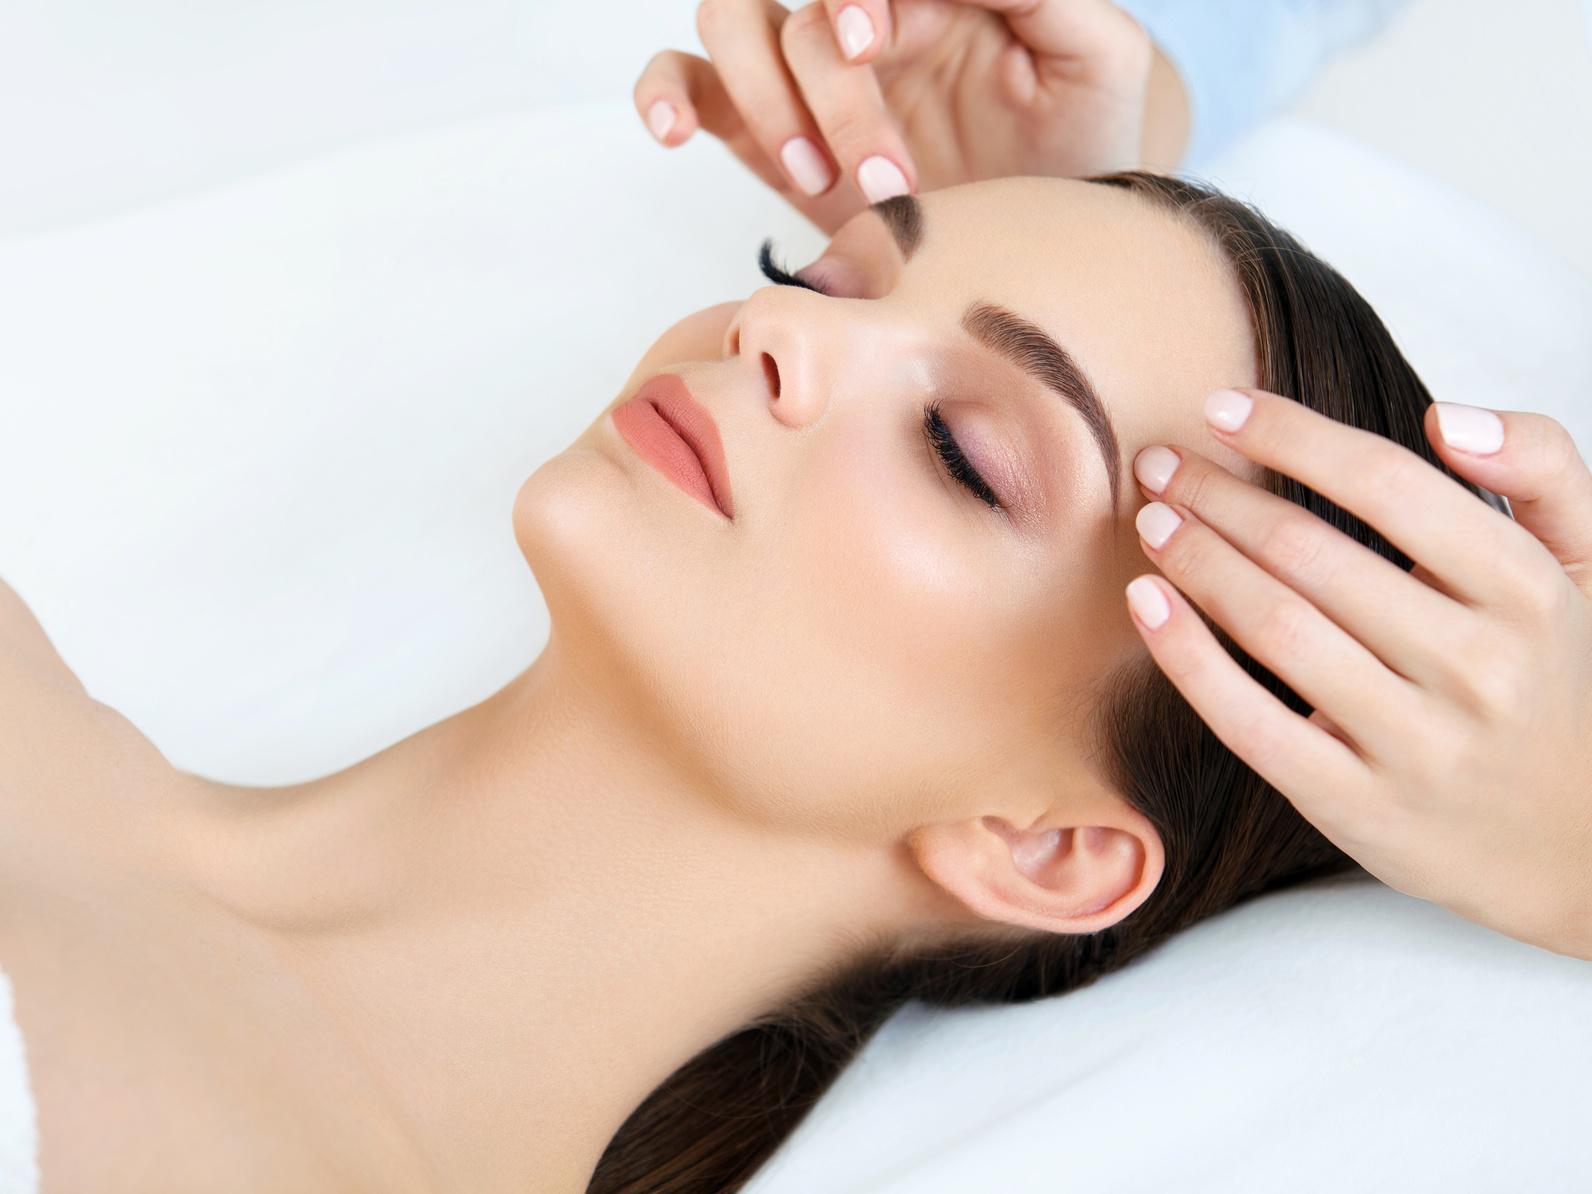 טיפול ליפטוזום לכלות ולאירועים